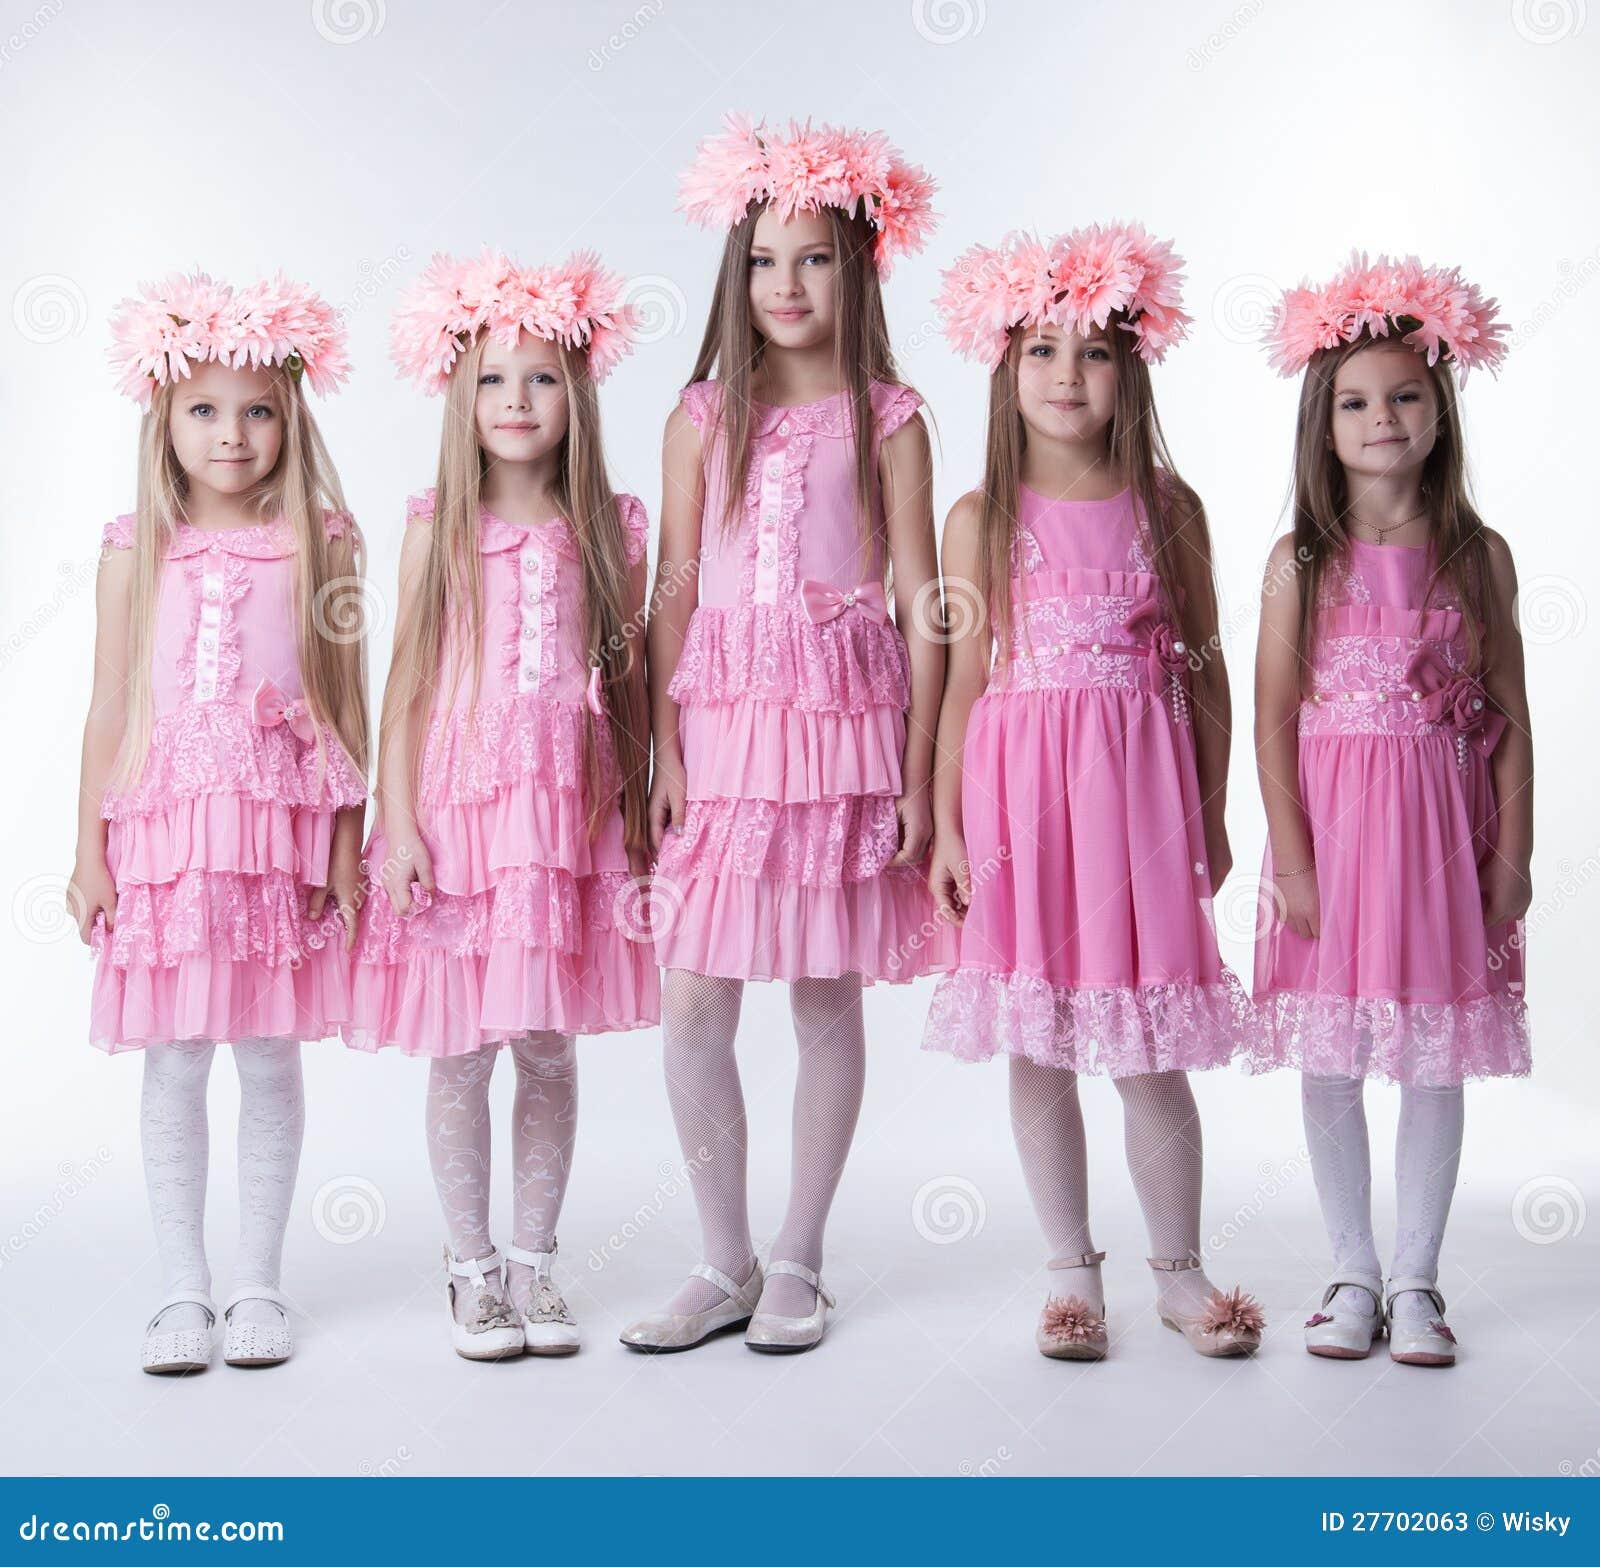 Lujoso Las Niñas Se Visten Para La Fiesta Modelo - Ideas de Vestido ...